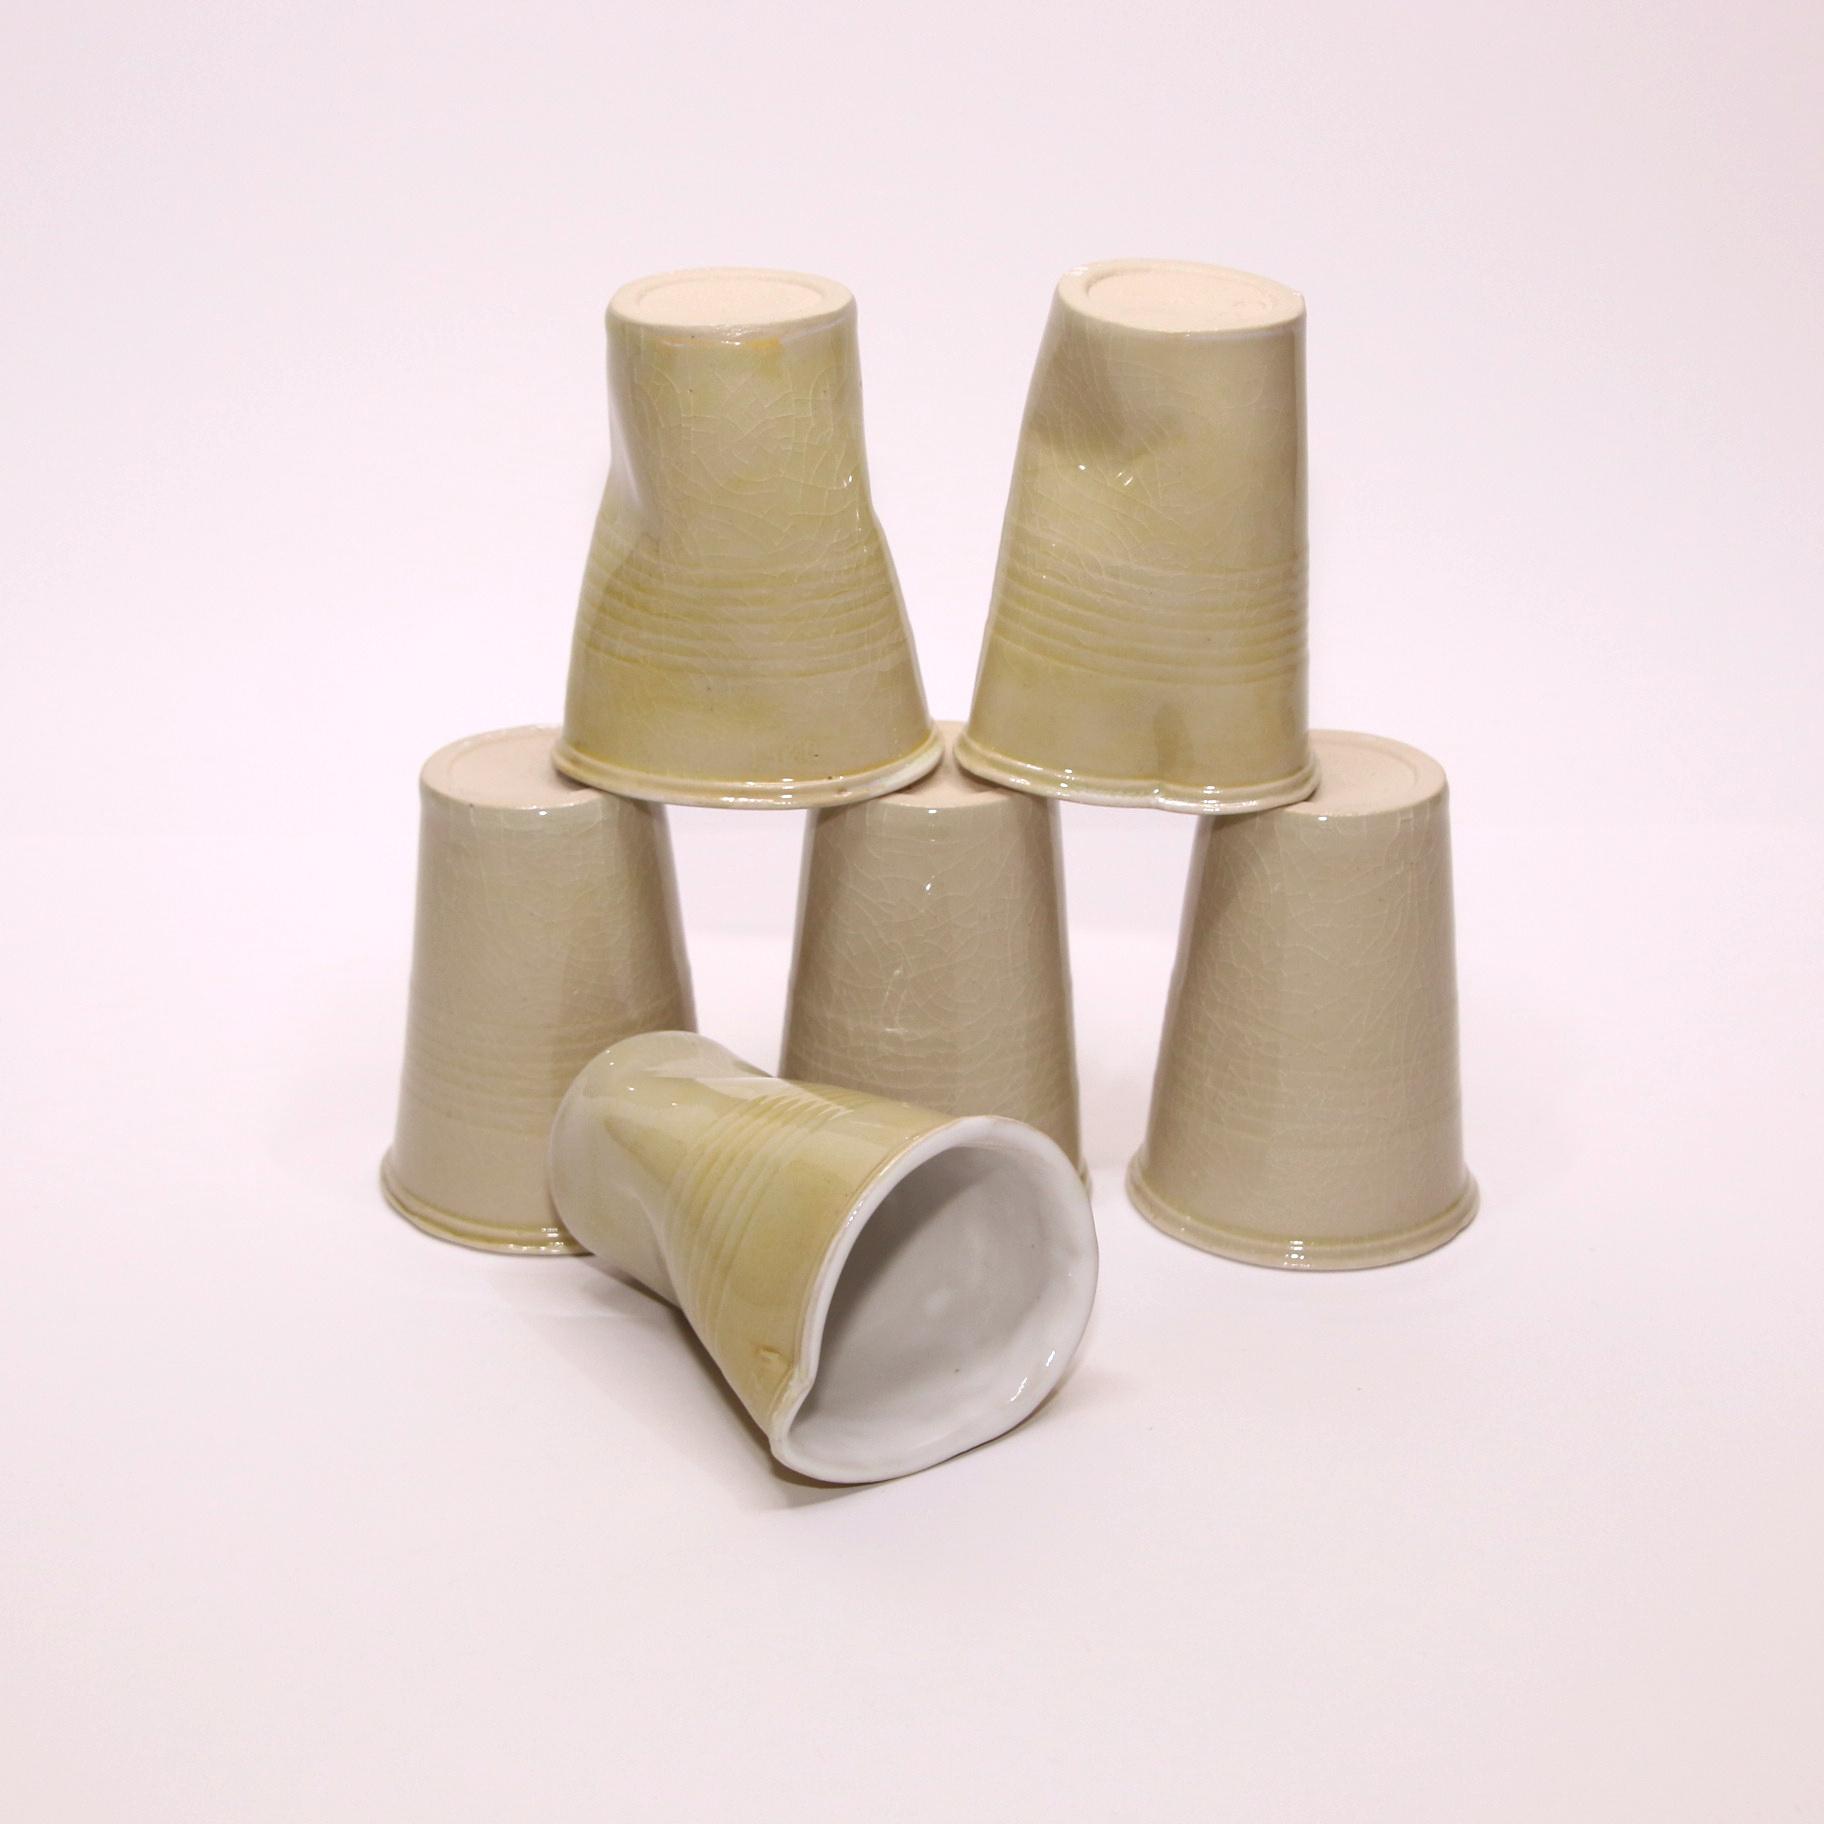 Carron Ceramics Pair of coffee cups - Carron Ceramics